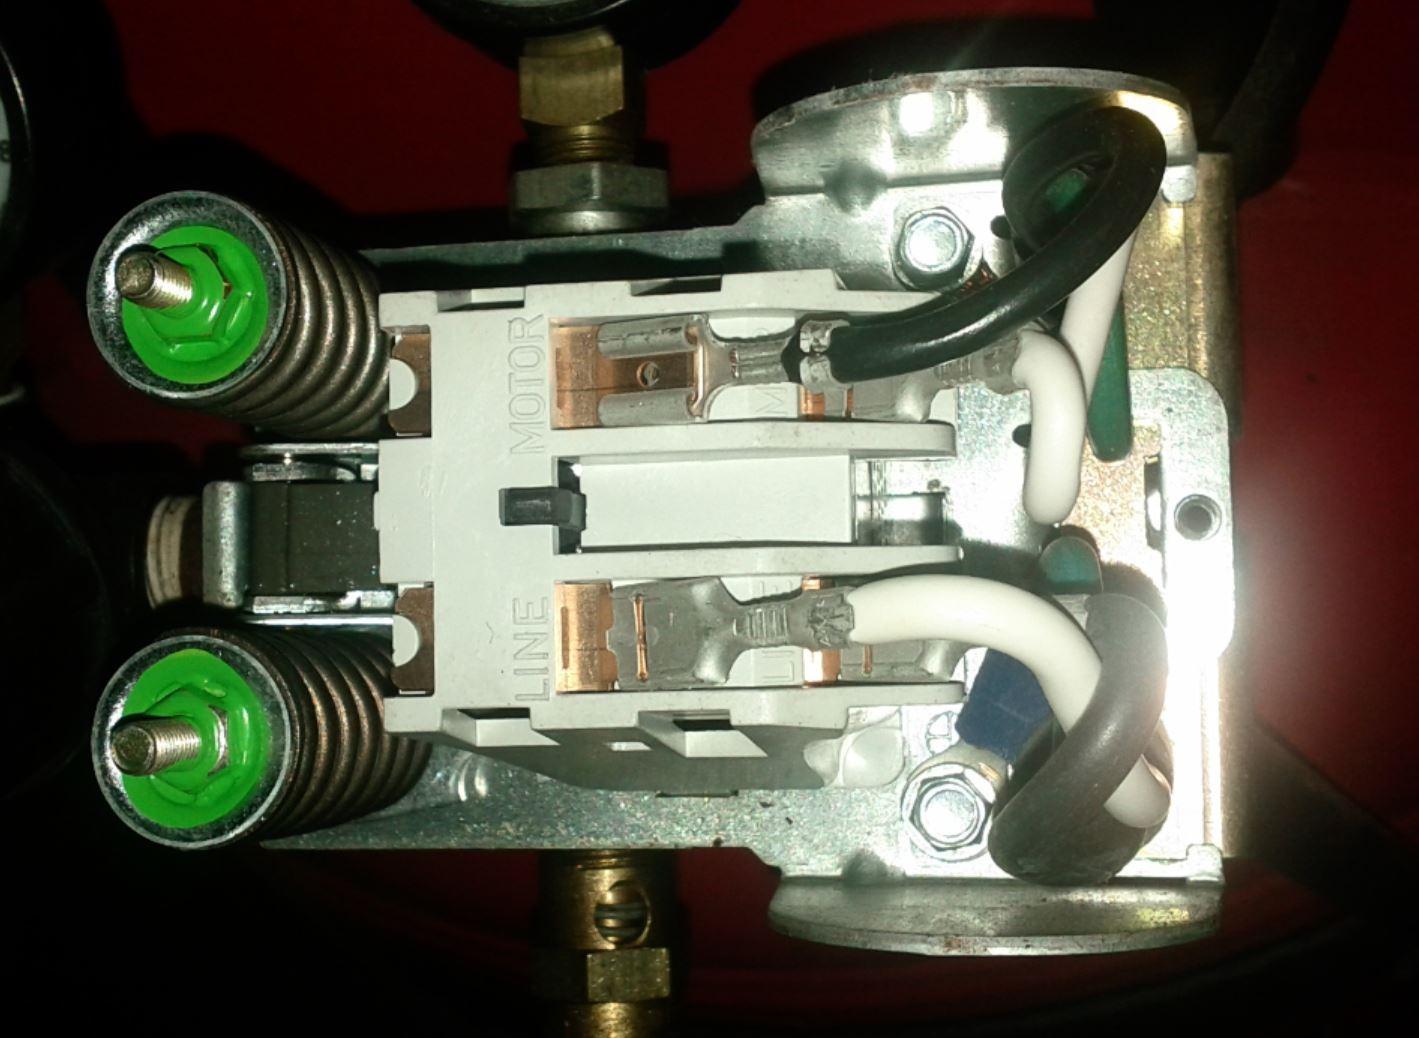 Air Compressor 240V Wiring Diagram   Manual E-Books - Air Compressor Wiring Diagram 240V